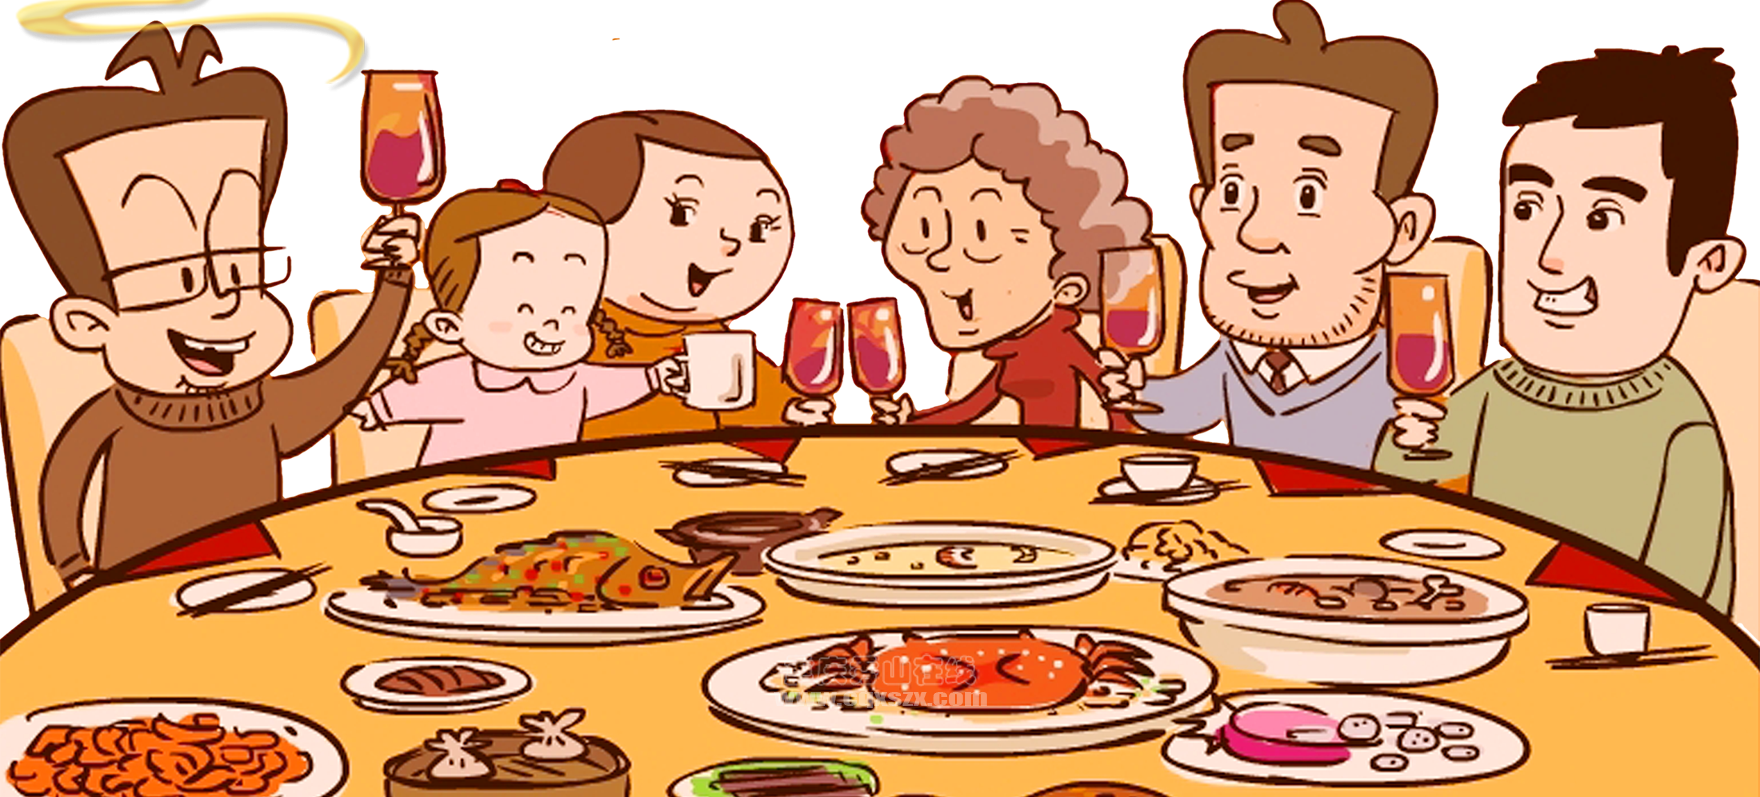 【武陵国际海鲜城】一家人的感情餐,不如一起吃海鲜!